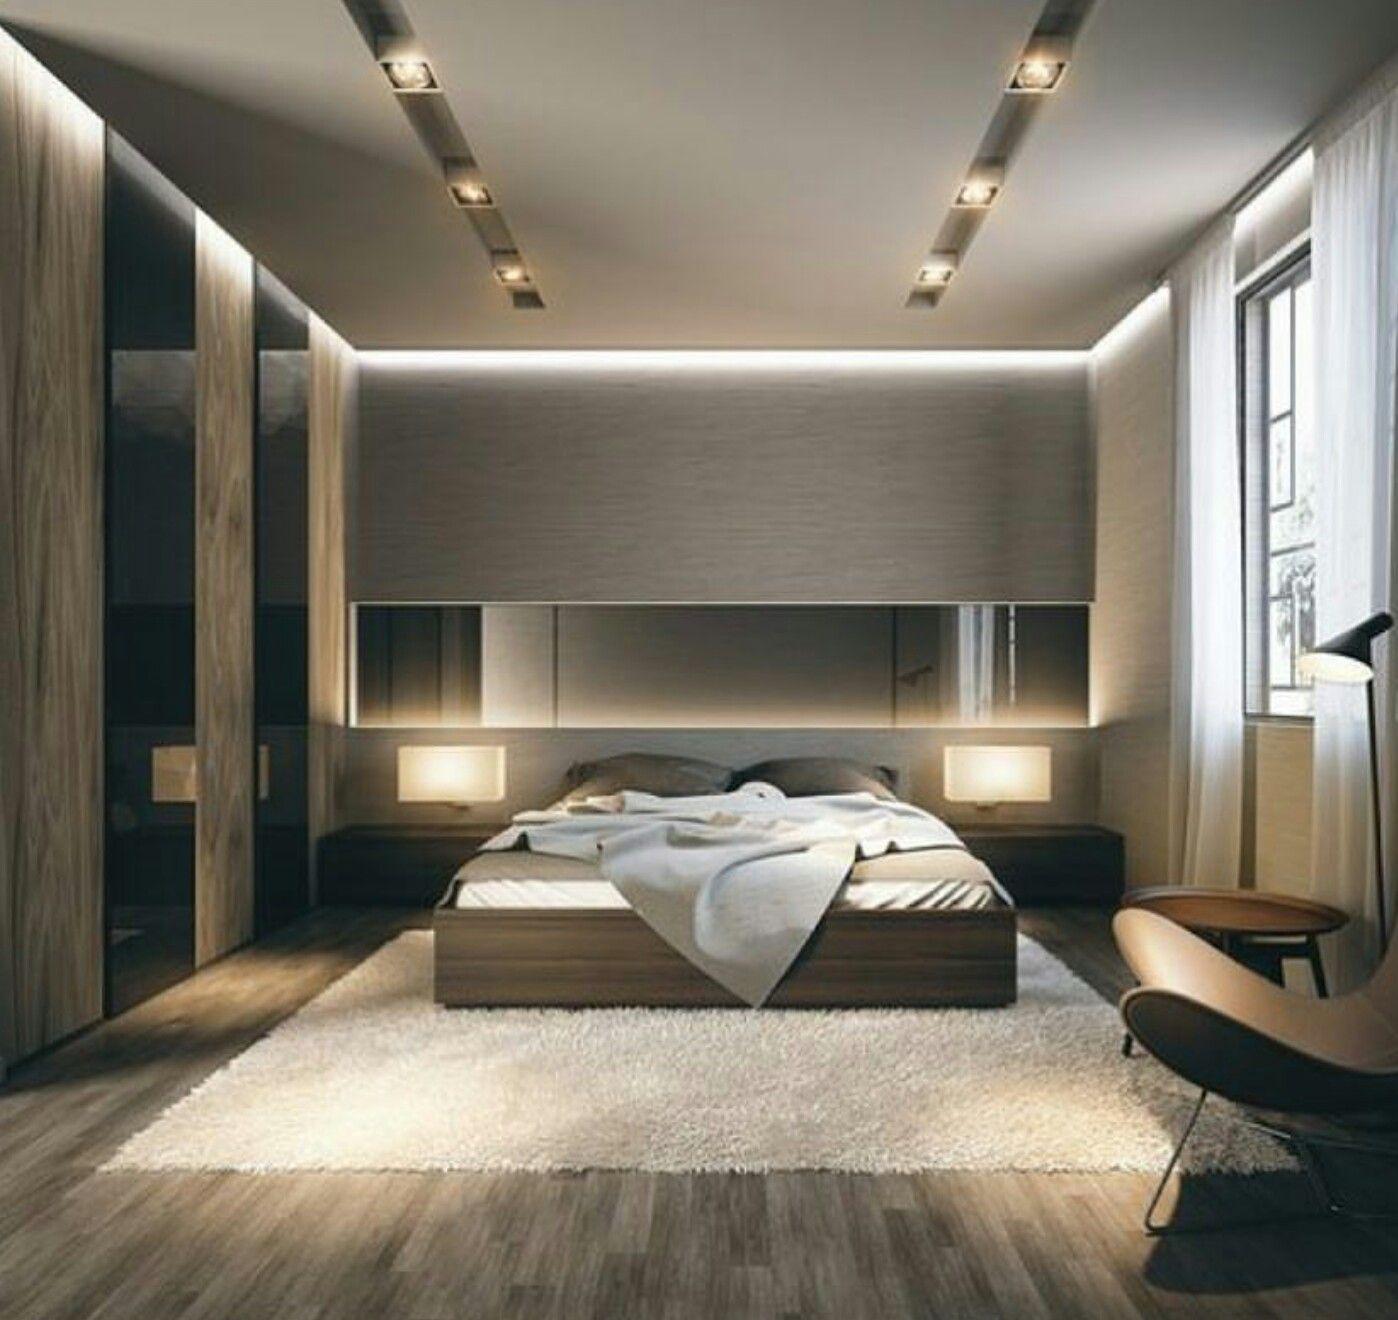 Luxury Bedrooms Designs Pinnurulhdyati On Bedroom  Pinterest  House Guests Bedrooms